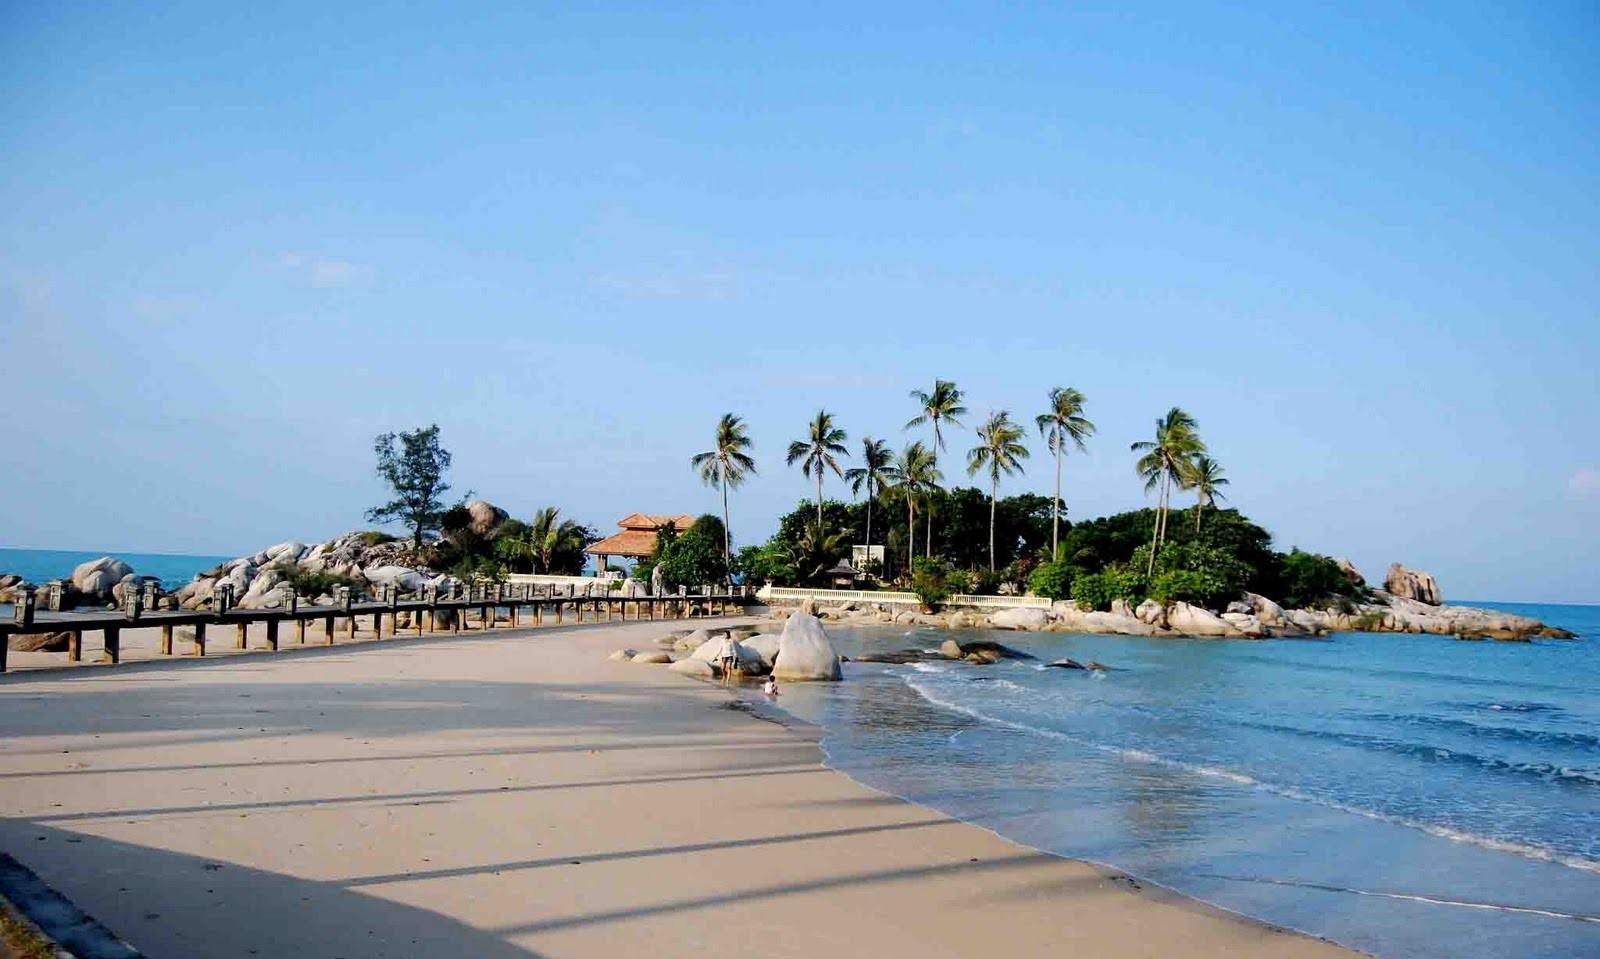 tanjung kasuari beach in sorong papua